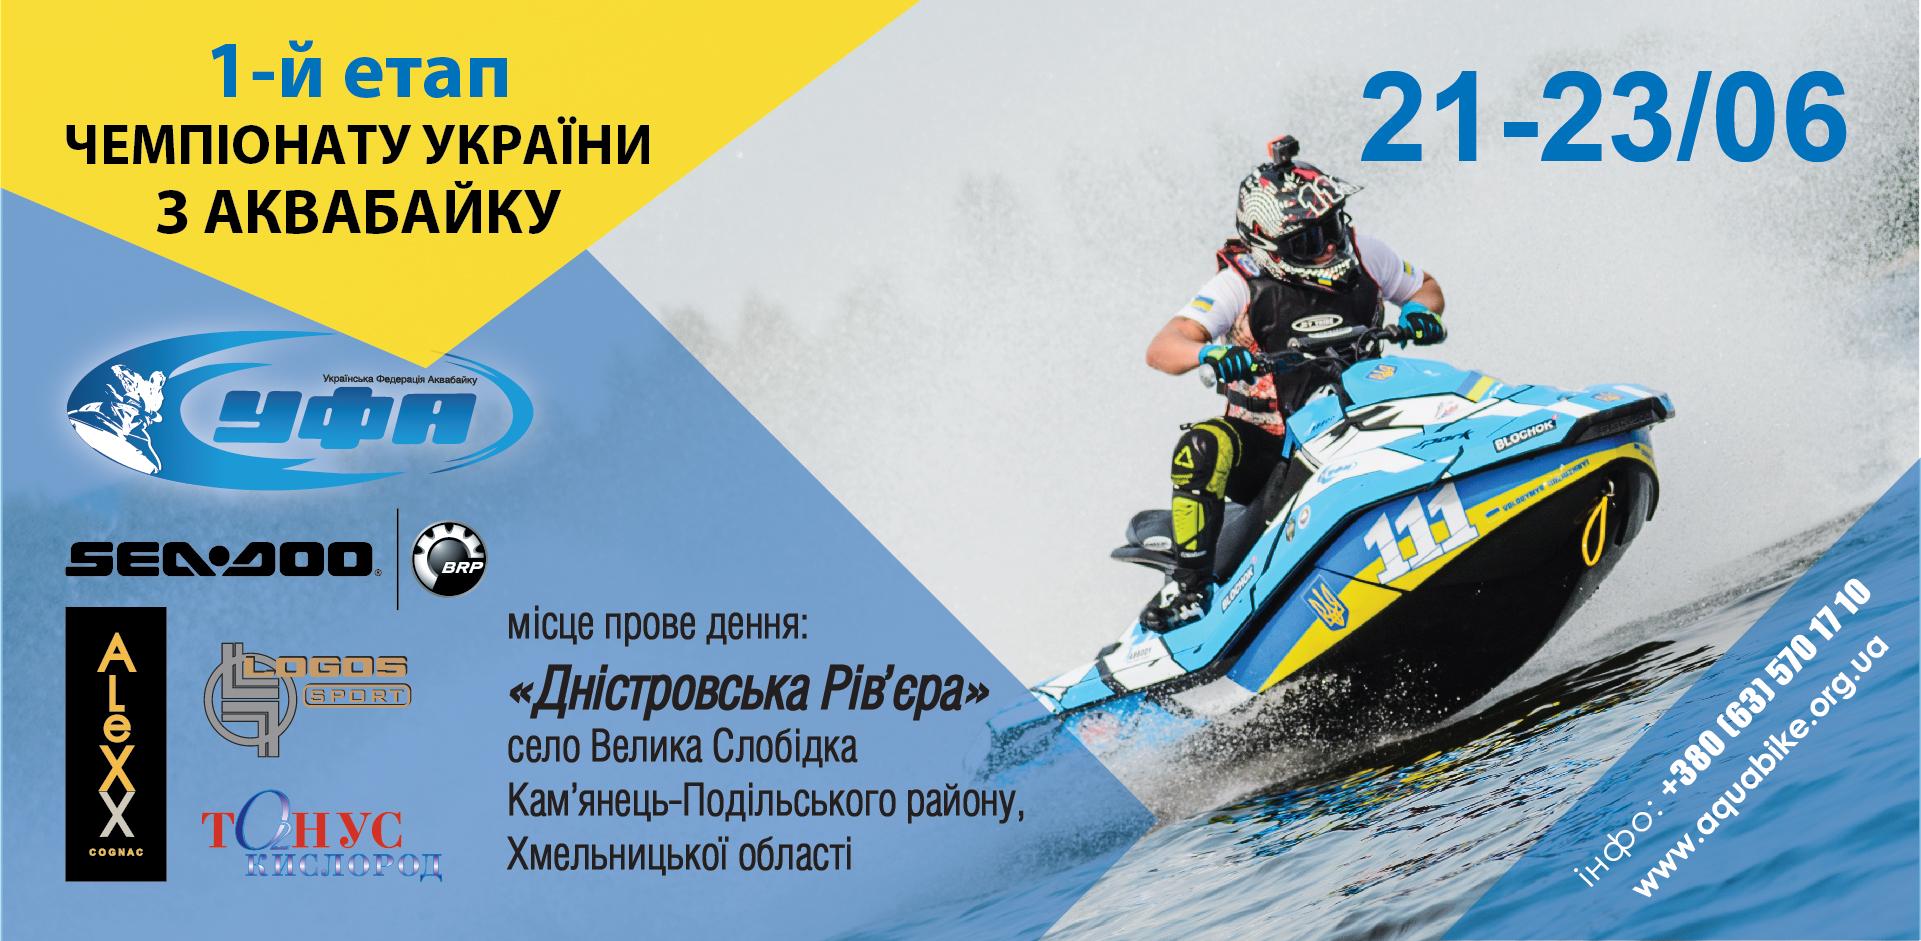 21-23.06.2019 – 1-й етап Чемпіонату України з Аквабайку!